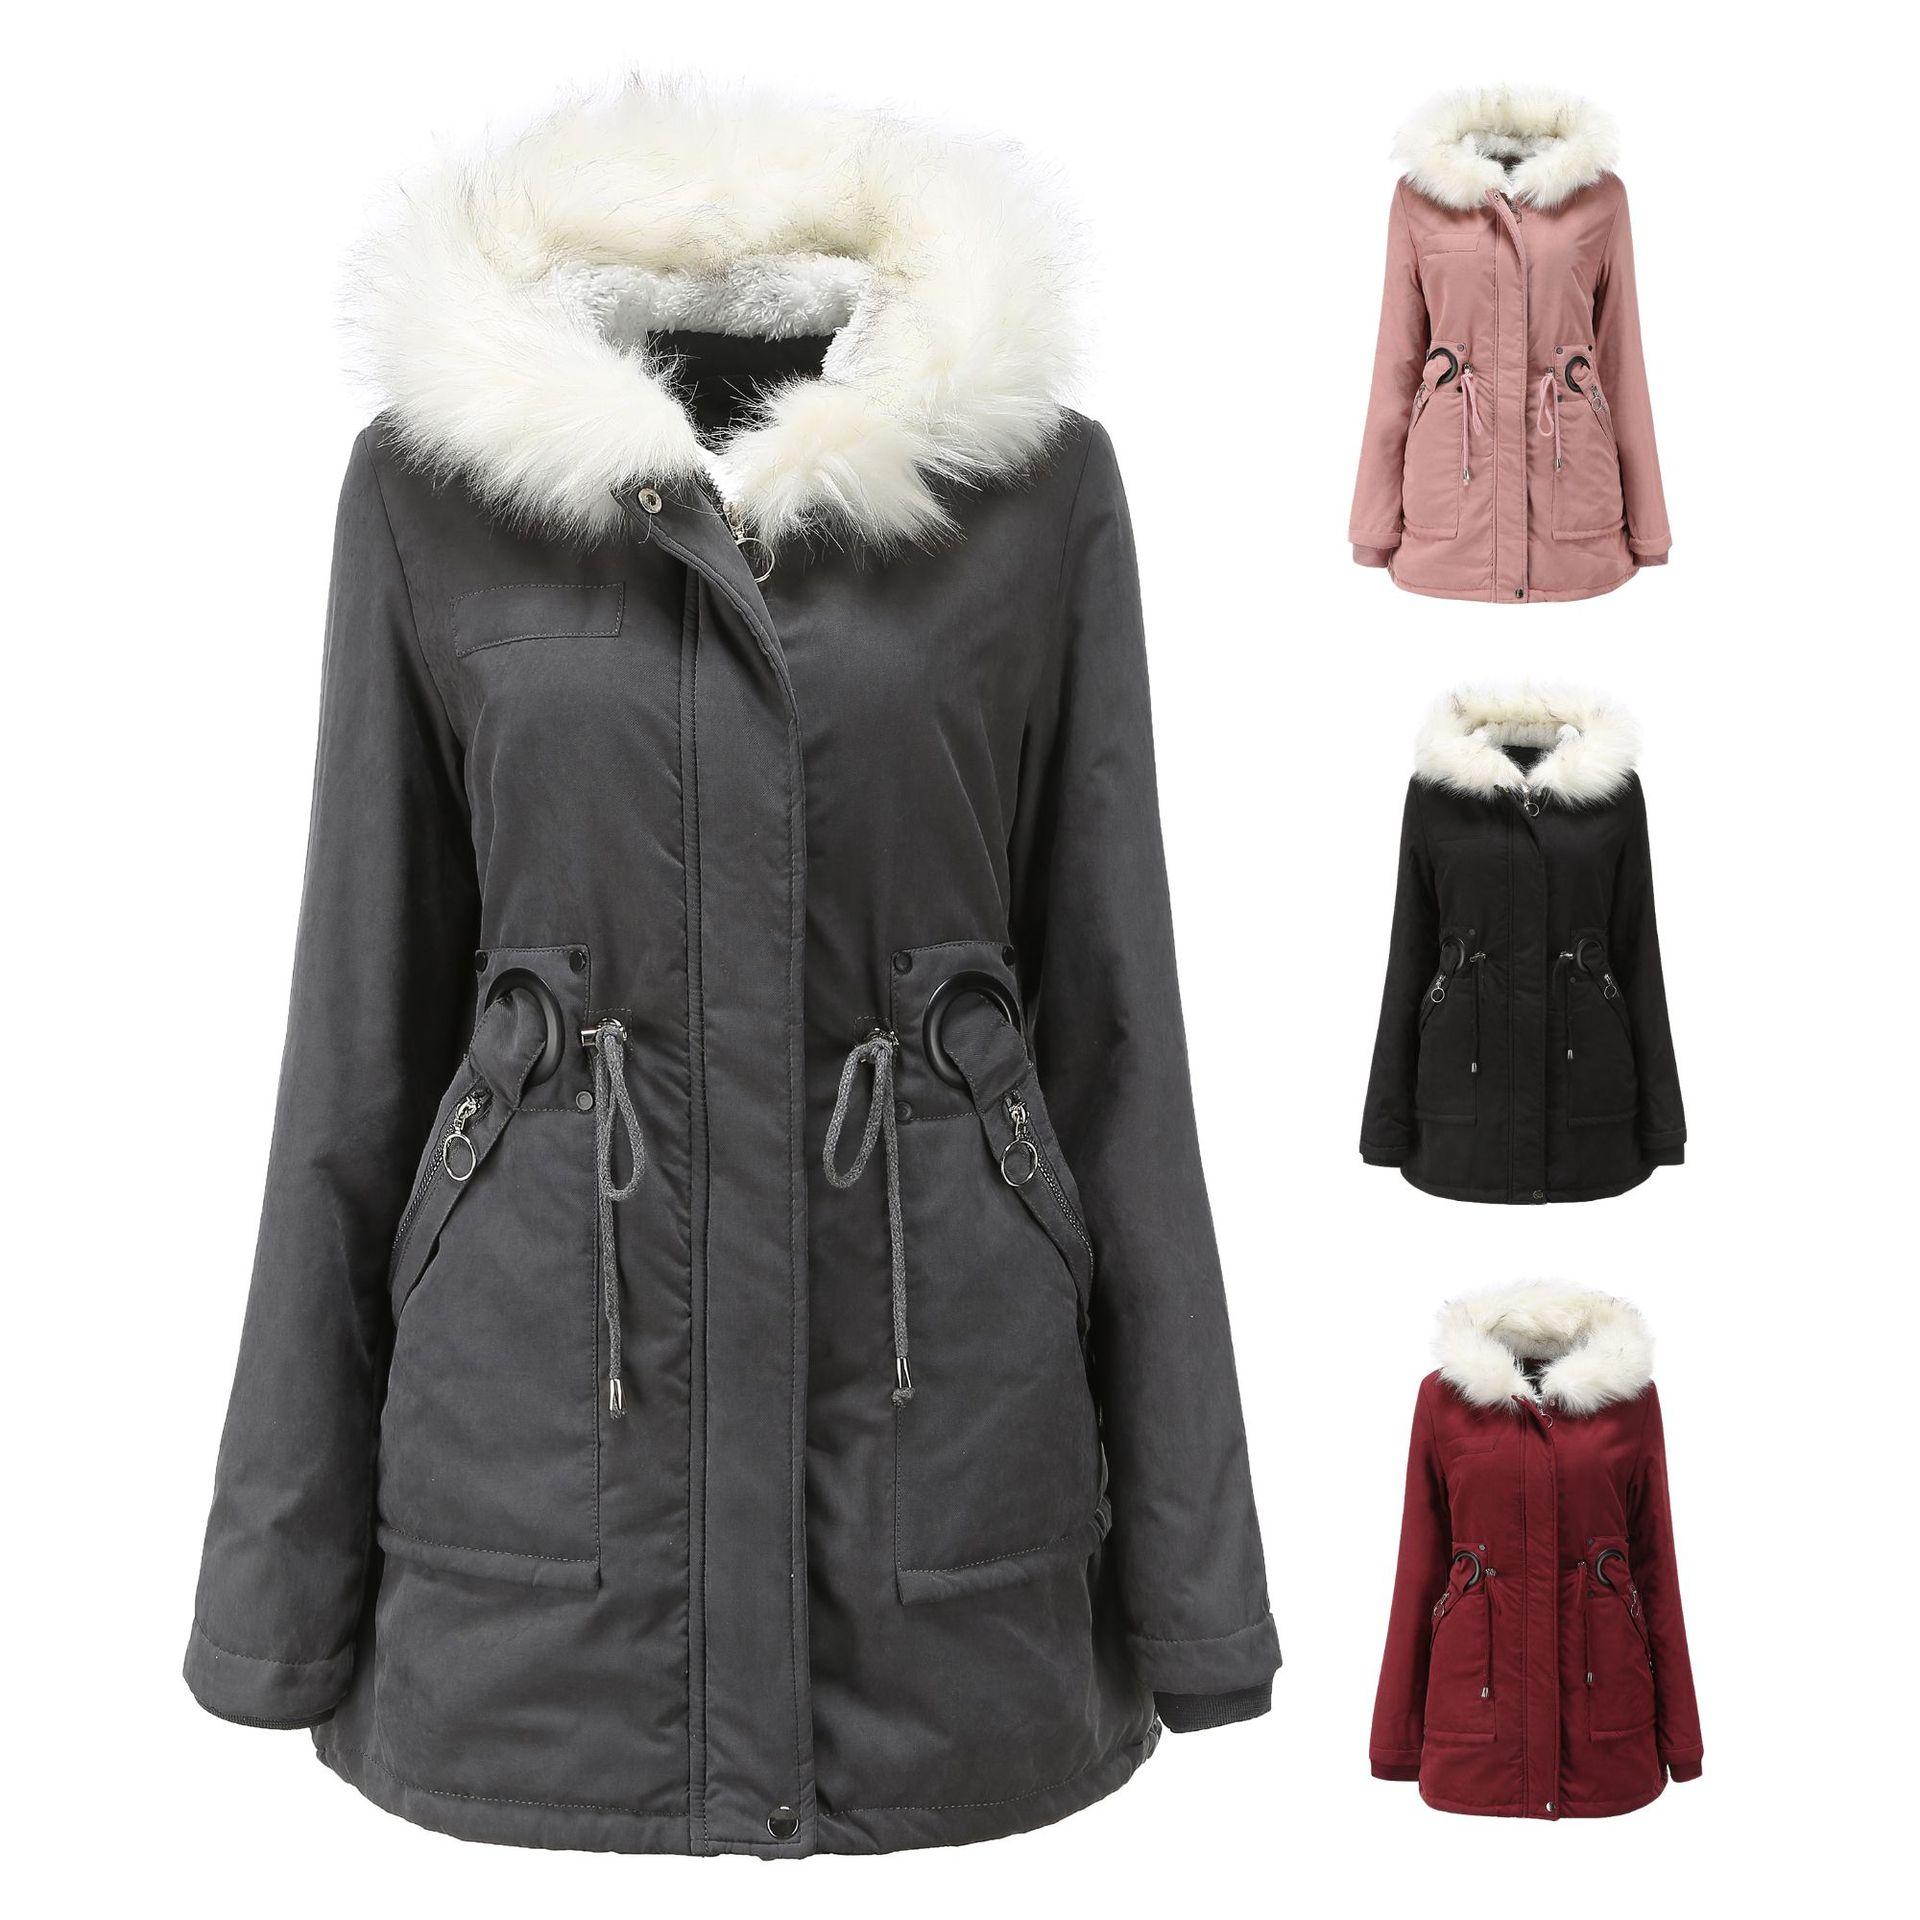 Фото - Новое хлопковое пальто женское средней длины с капюшоном и меховым воротником зимнее теплое бархатное пальто женское хлопковое пальто для ... пальто средней длины с капюшоном